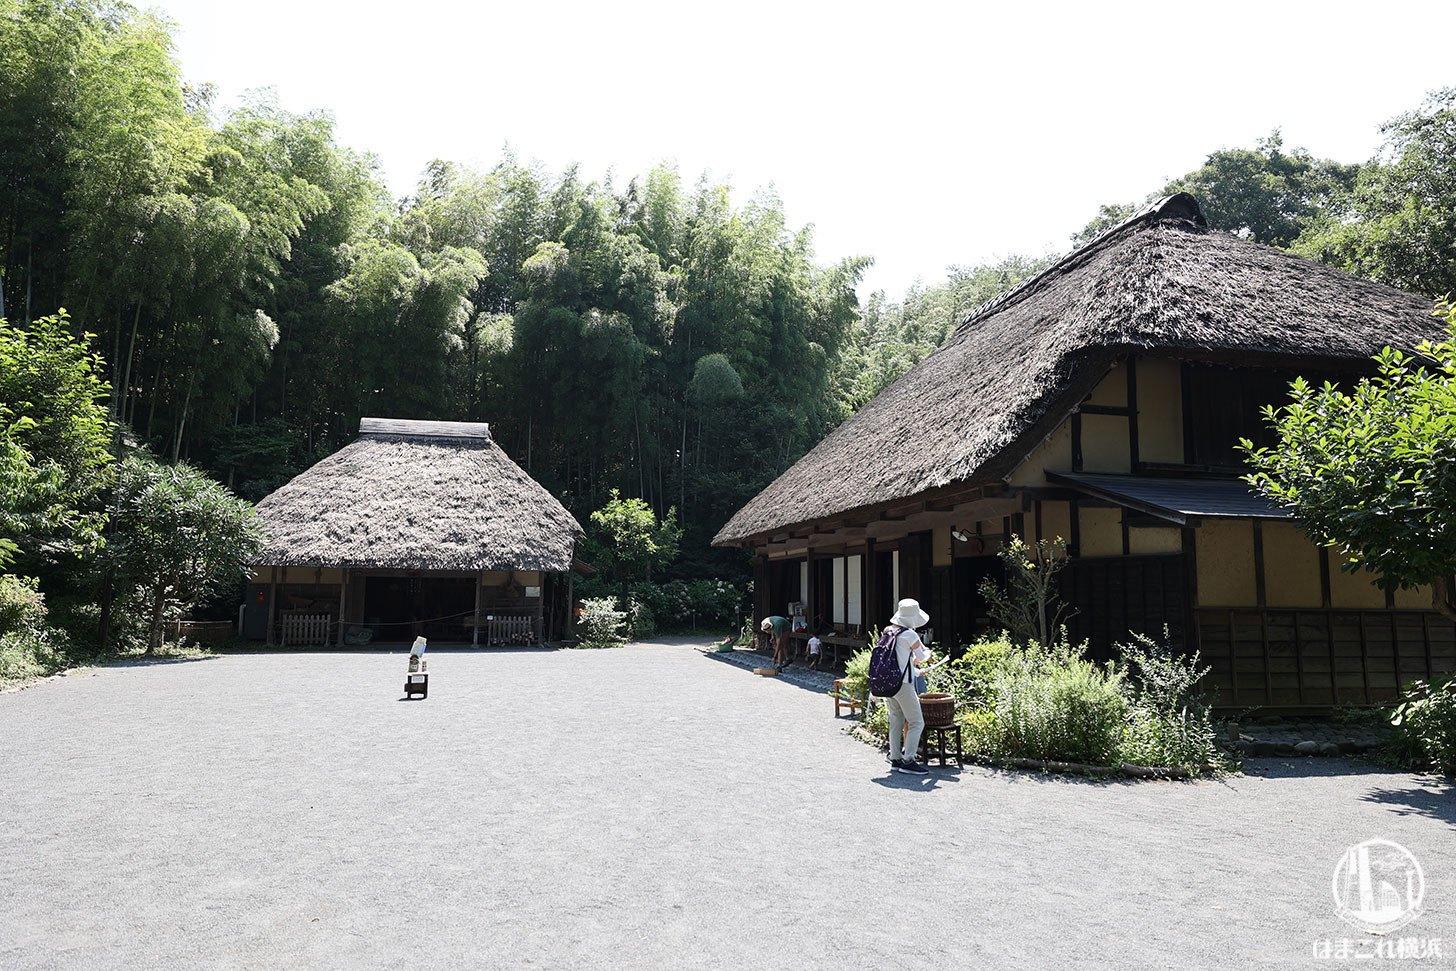 舞岡公園 古民家